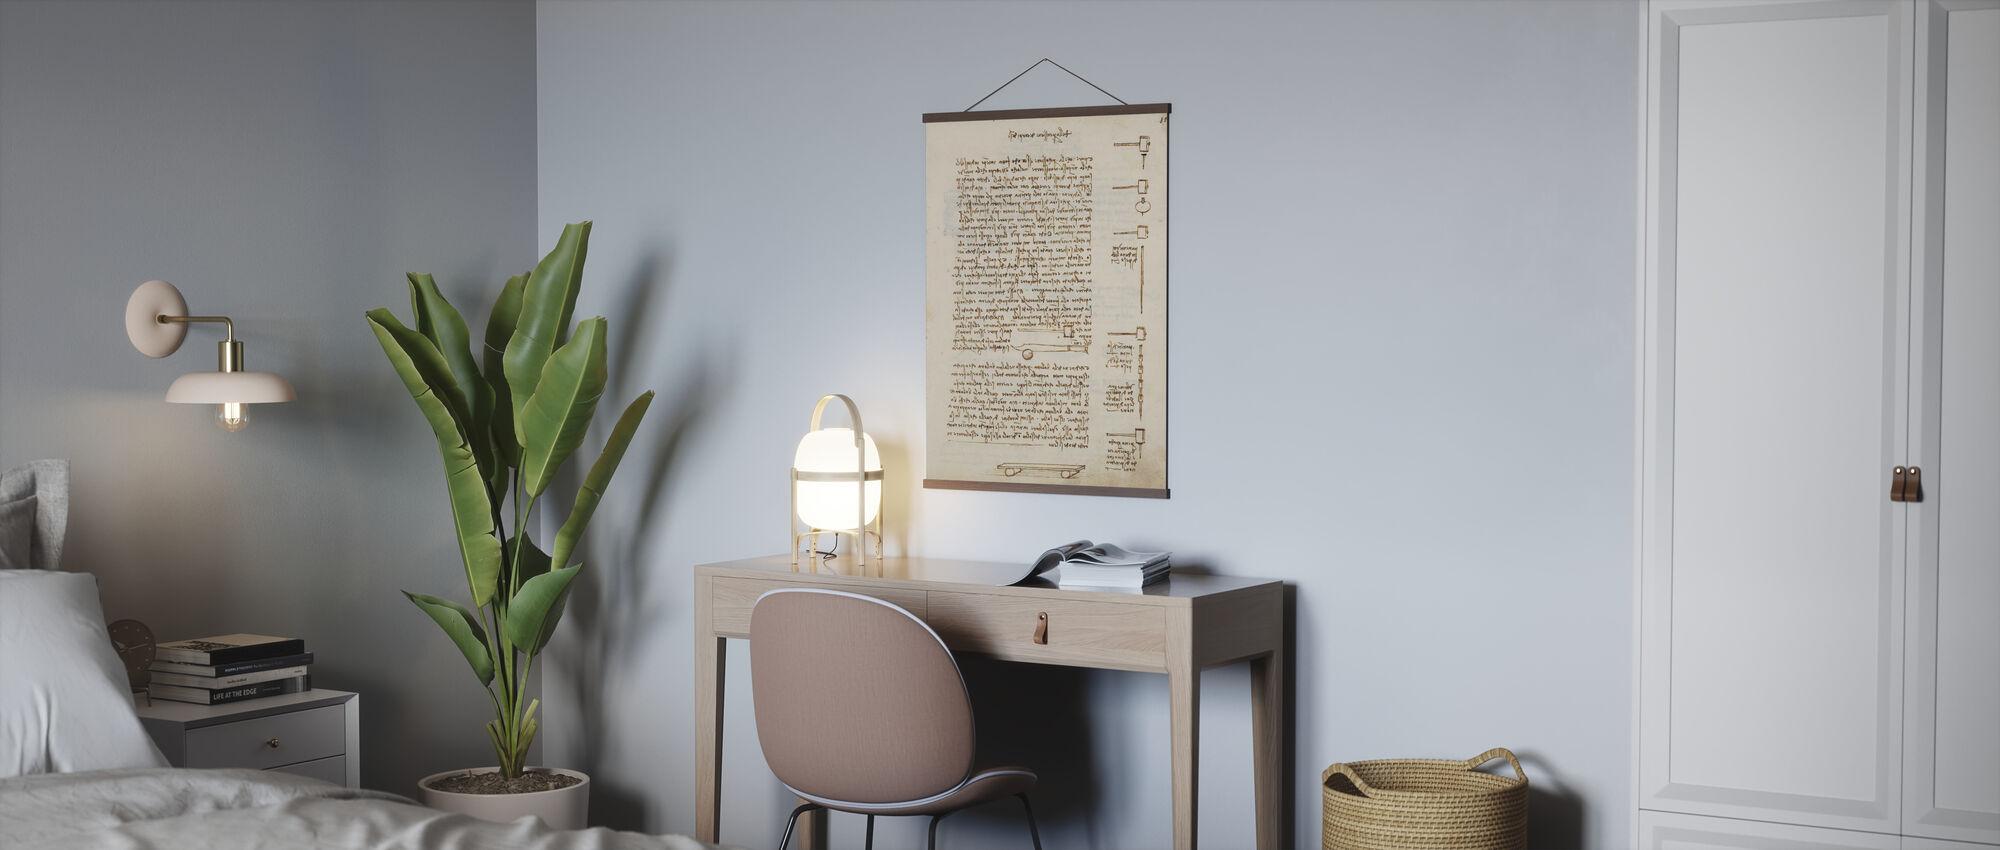 Statics and Mechanics - Leonardo Da Vinci - Poster - Office